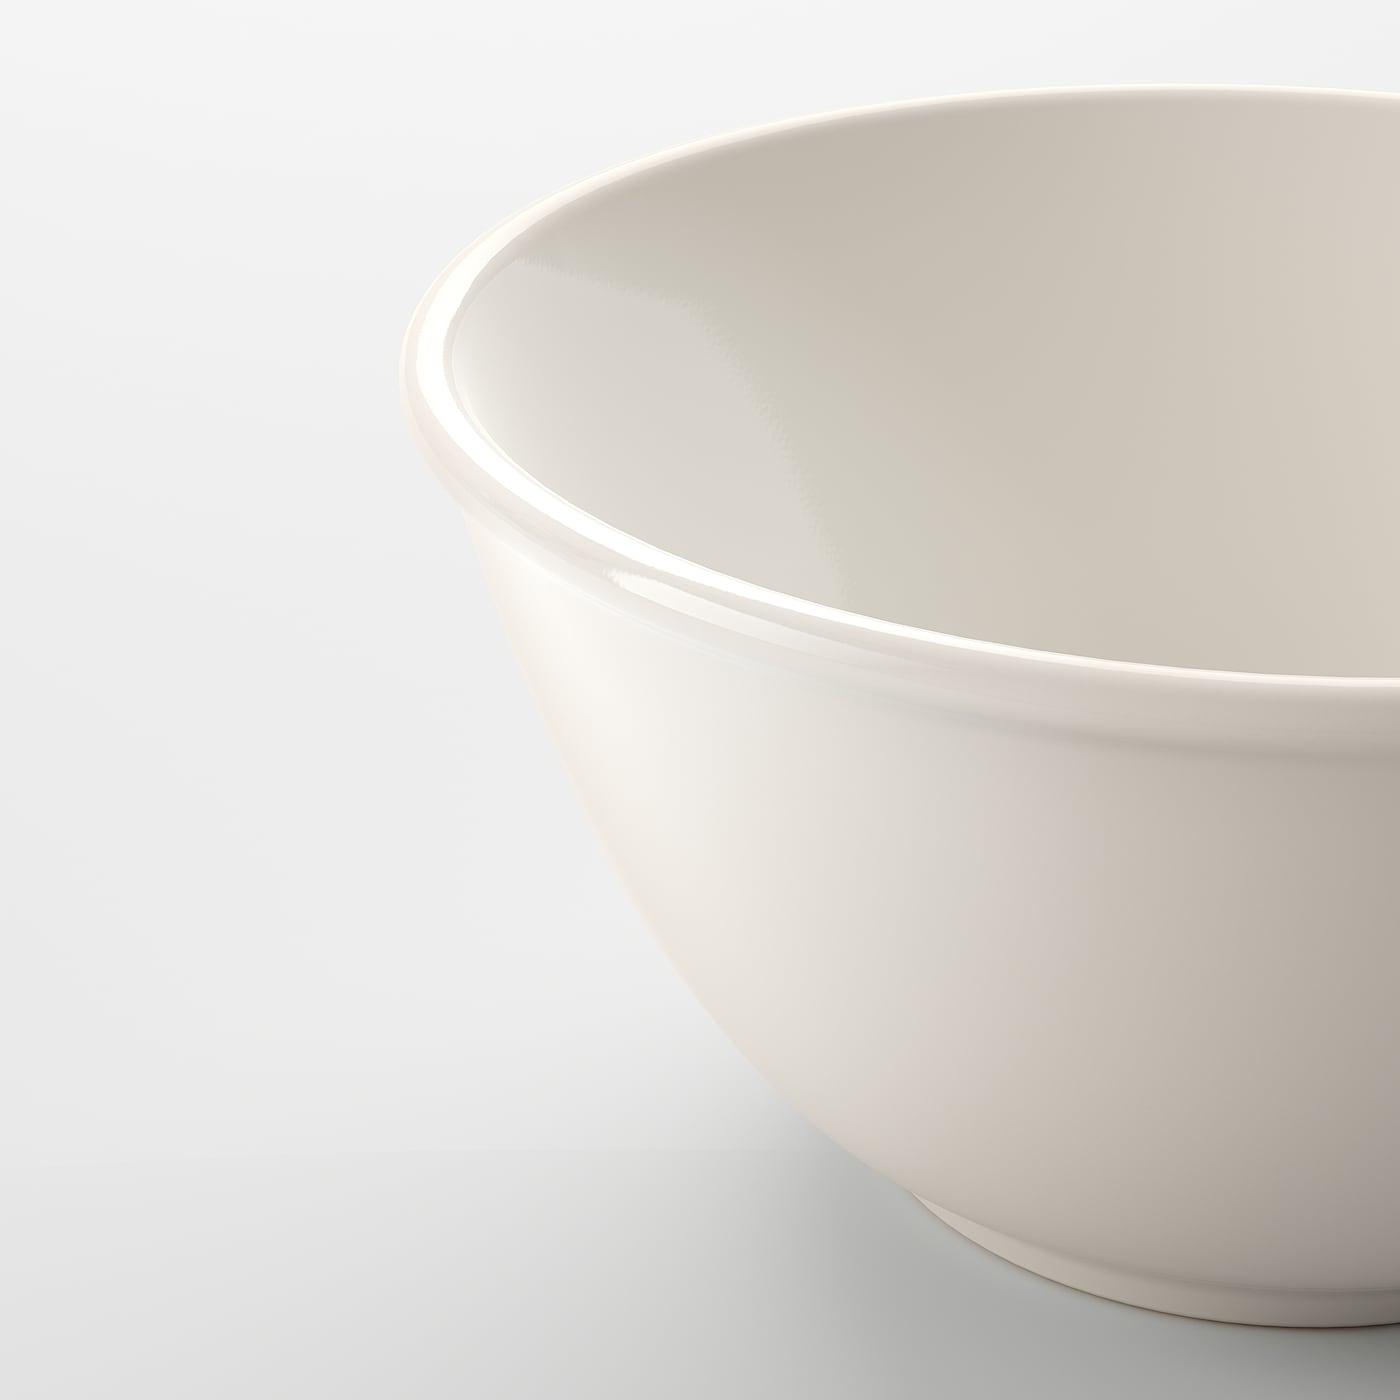 VARDAGEN سلطانية., أبيض-مطفي, 15 سم